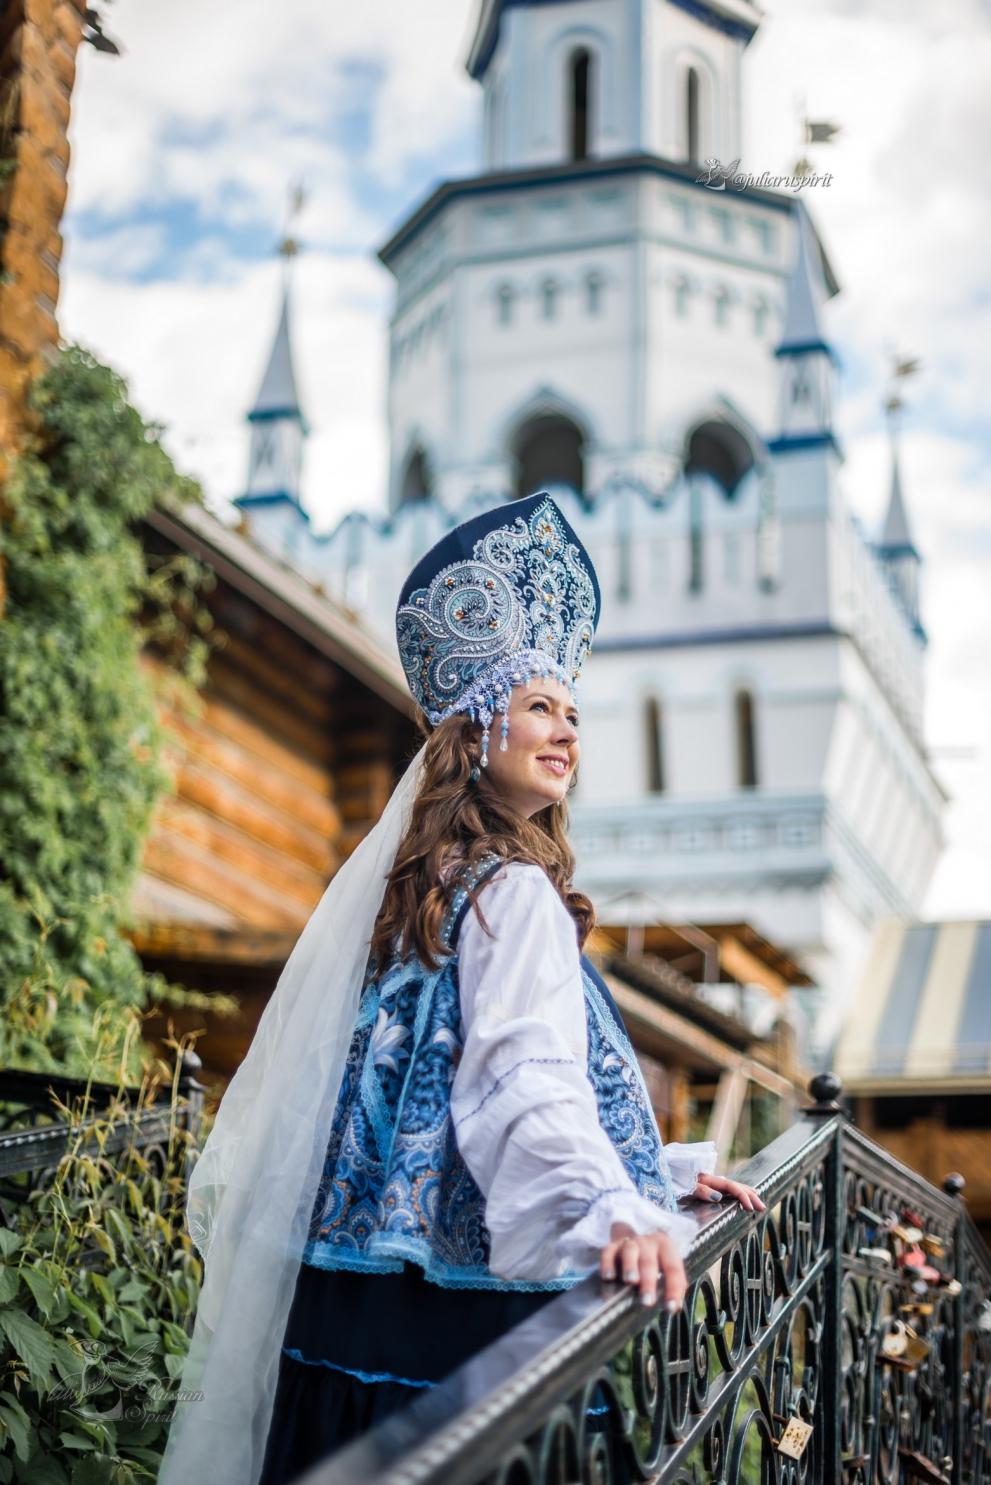 девушкана лестнице на фоне белокаменного кремля в русском стиле